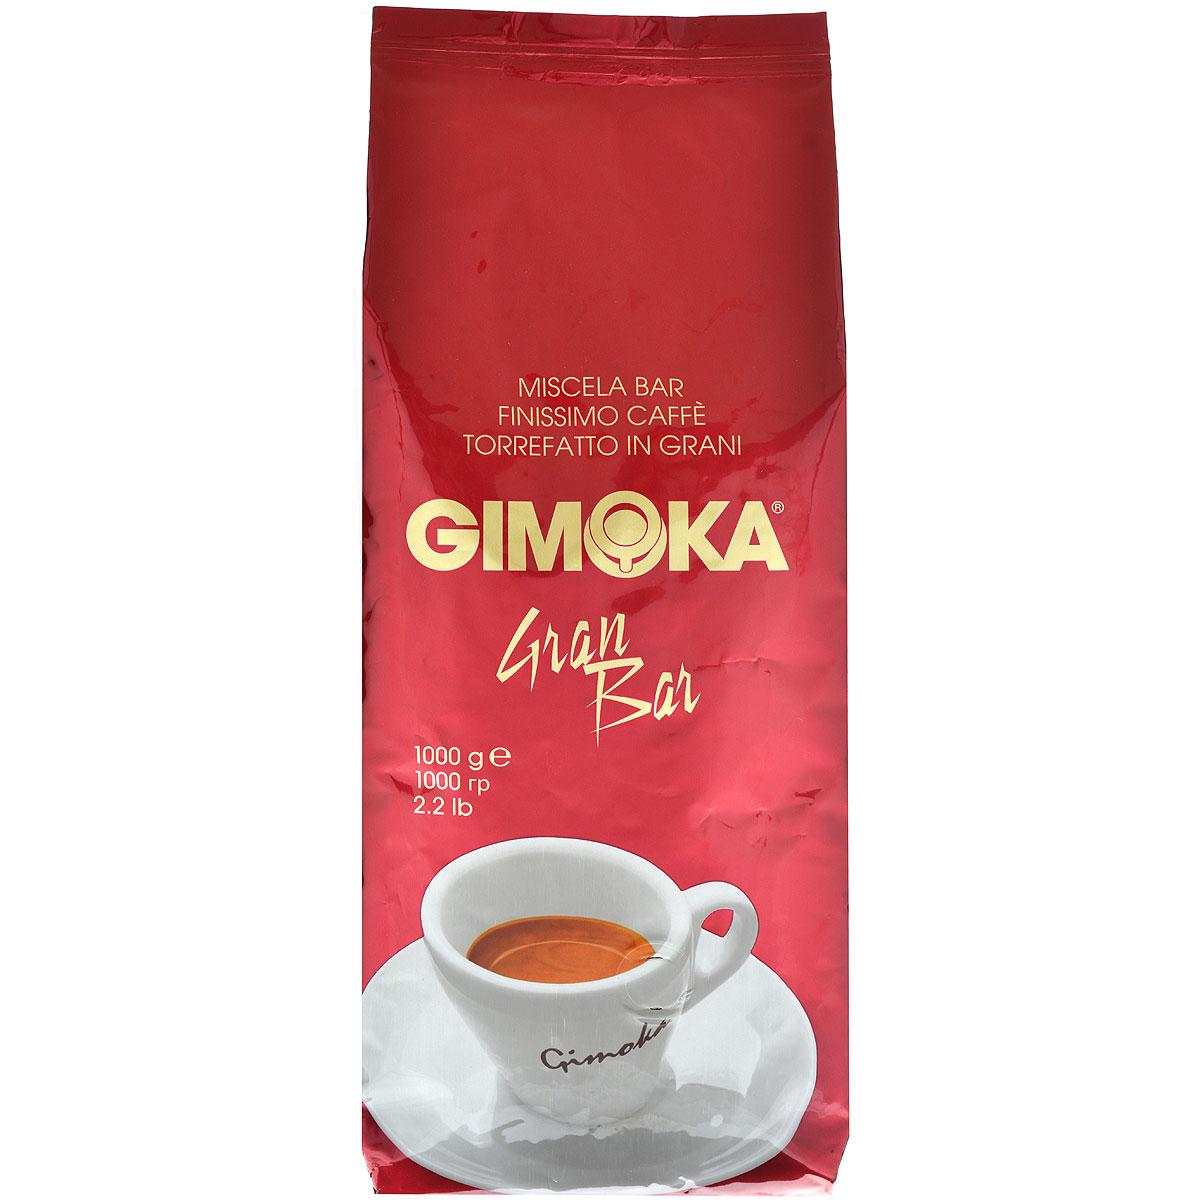 Gimoka Rossa Gran Bar кофе в зернах, 1 кг8003012000039Натуральный жареный кофе в зернах Gimoka Rossa Gran Bar. Кофейная смесь обладает интенсивным и устойчивым ароматом, а специальная обжарка придает насыщенность и крепость. Состав смеси: 70% арабика, 30% робуста.